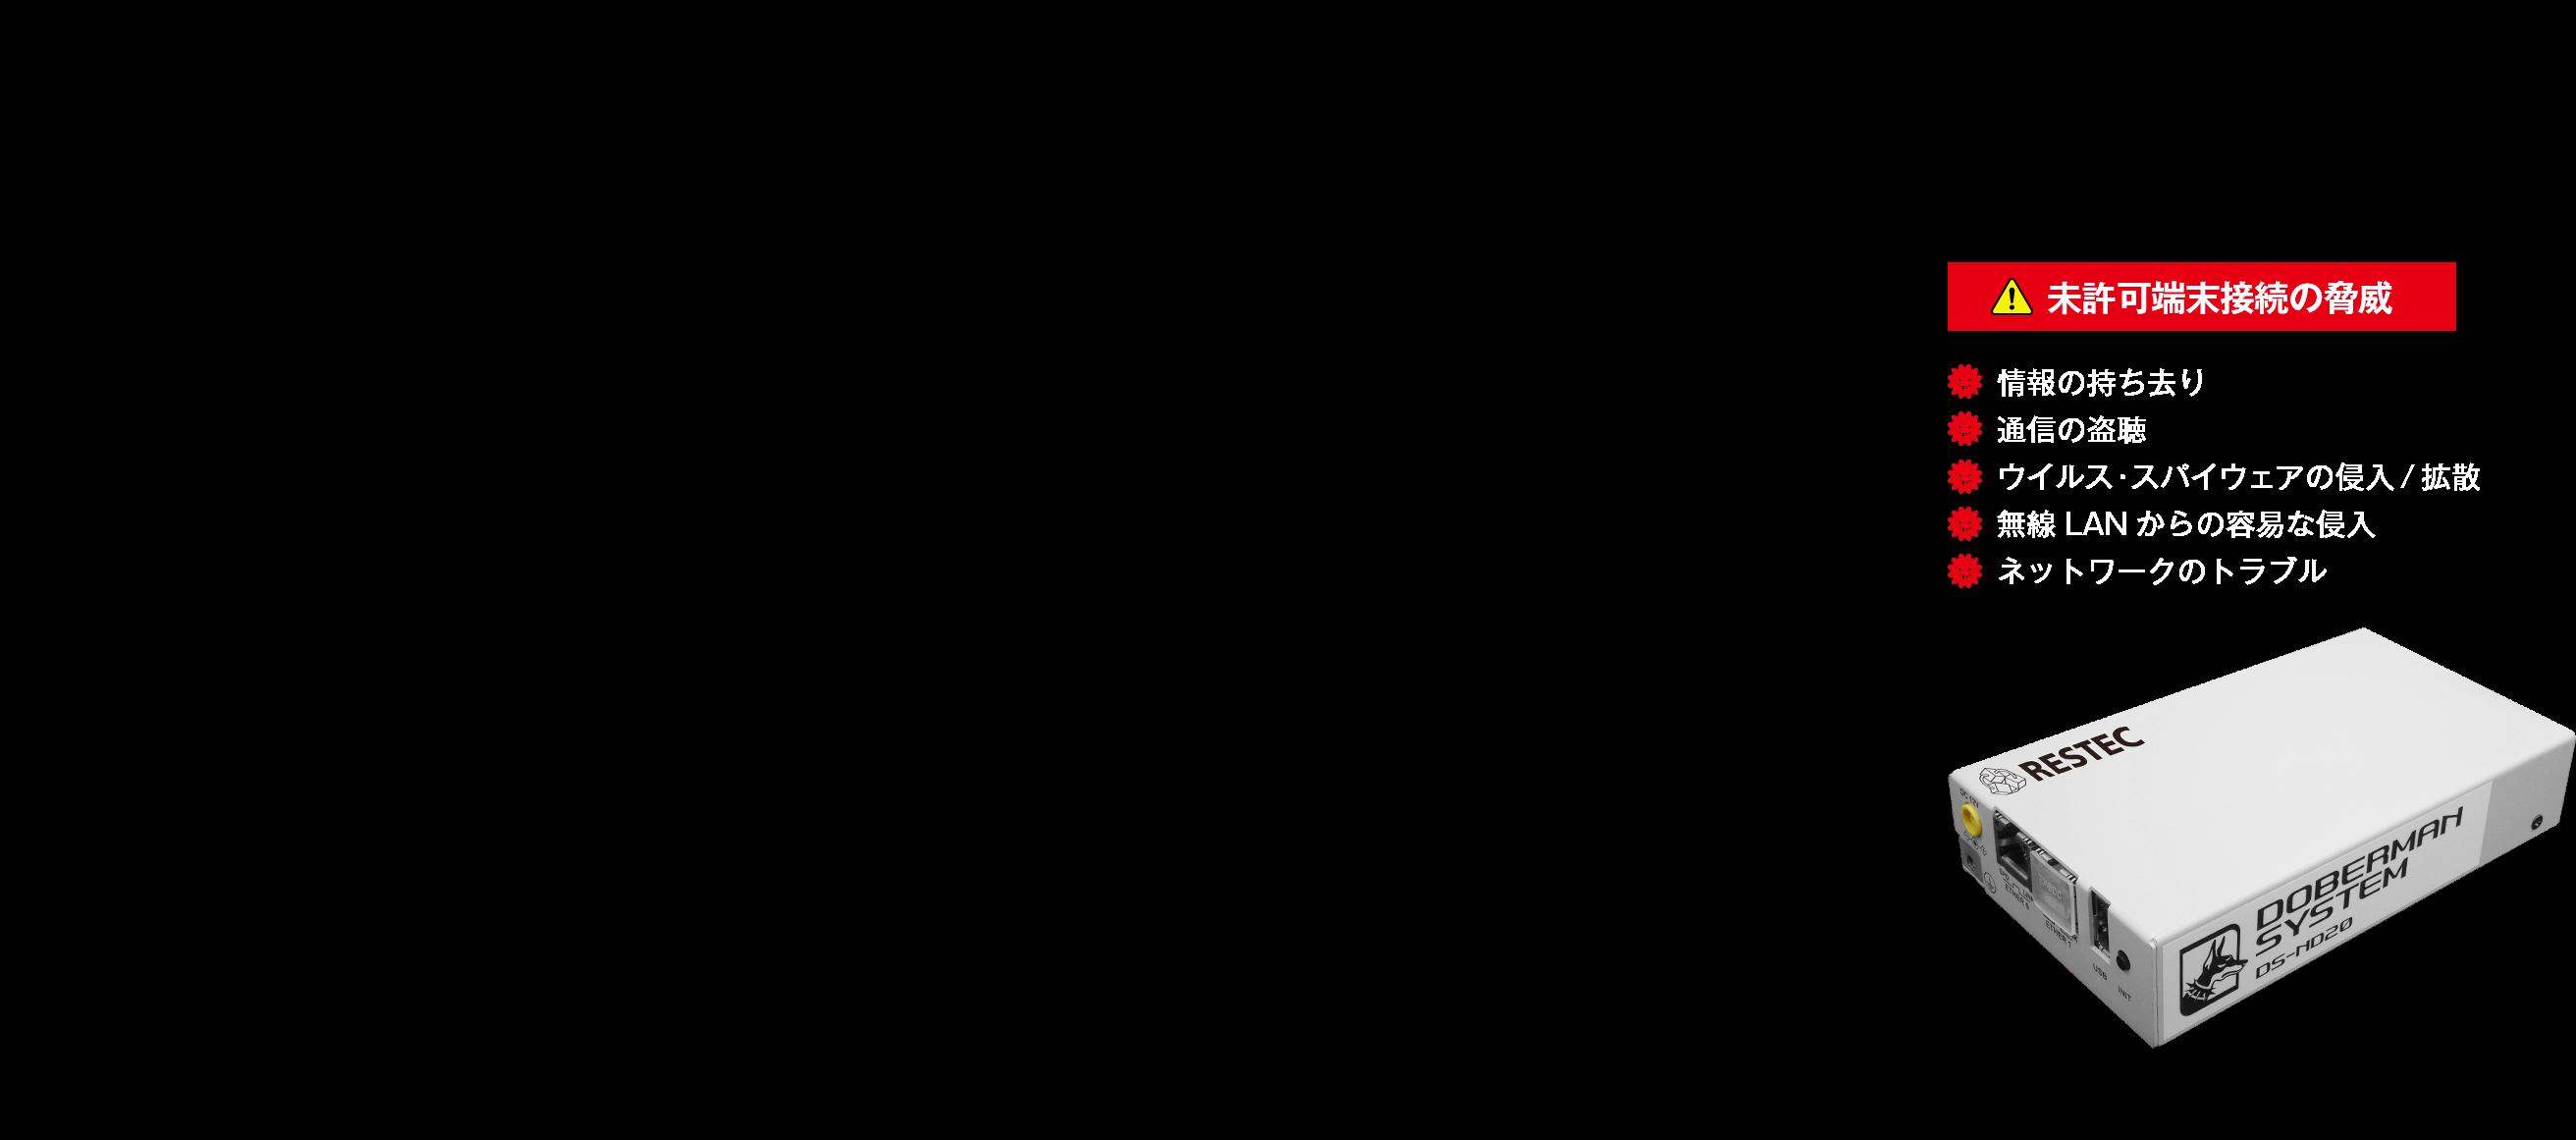 [不正接続端末遮断システム] DS-ND20